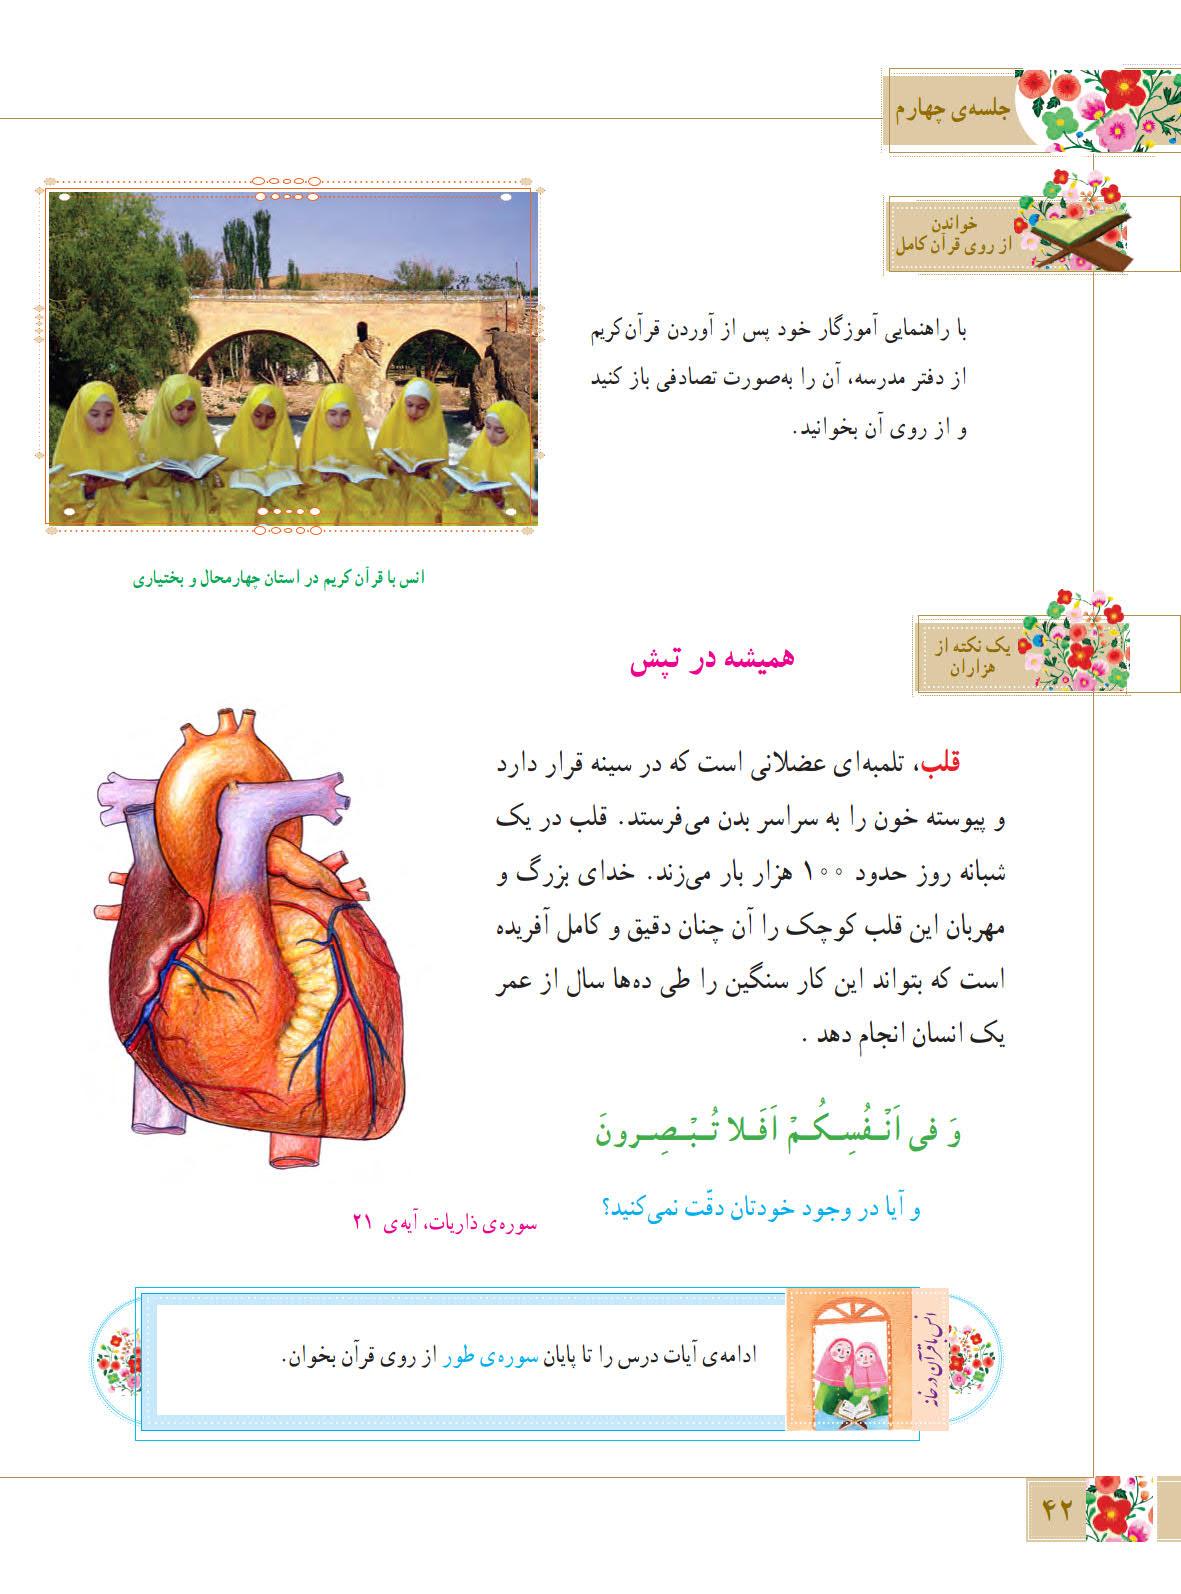 درس ششم آموزش قرآن پایه ششم - کلاس اینترنتی ما -صفحه 42 - مومکا - momeka.ir (6)